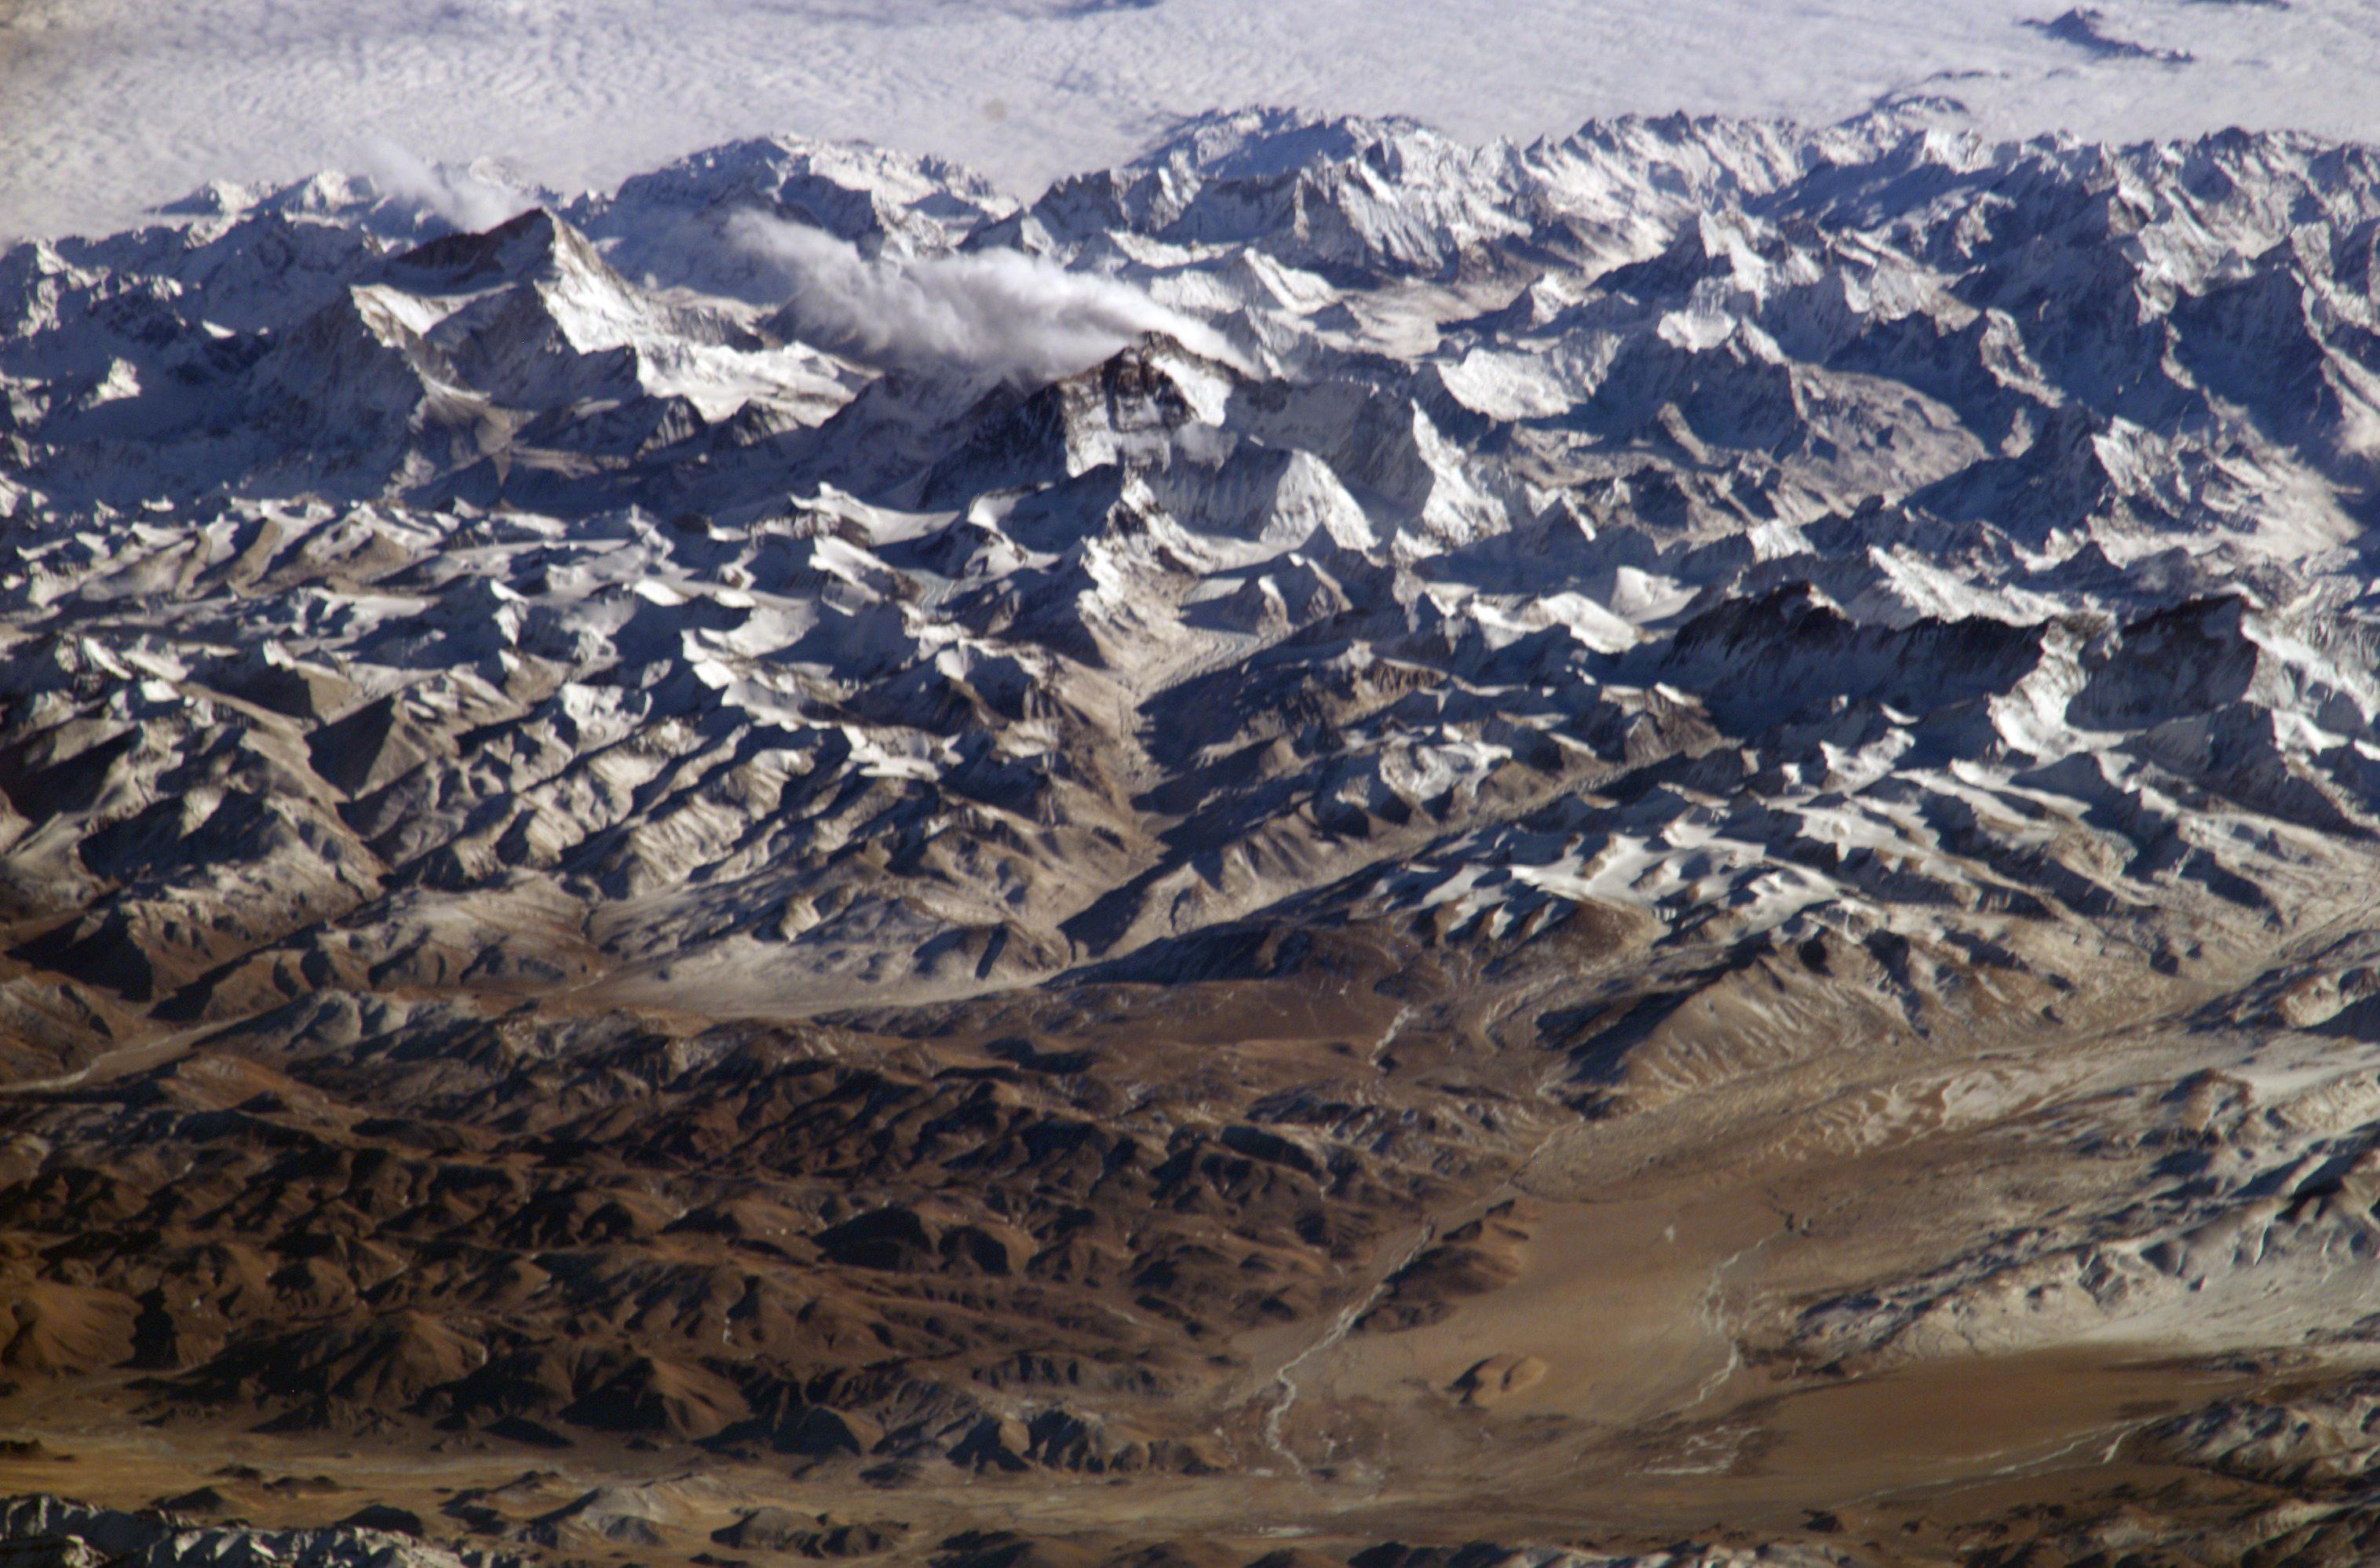 Тибетское нагорье: ледники, истоки крупных рек ипочти никаких осадков.